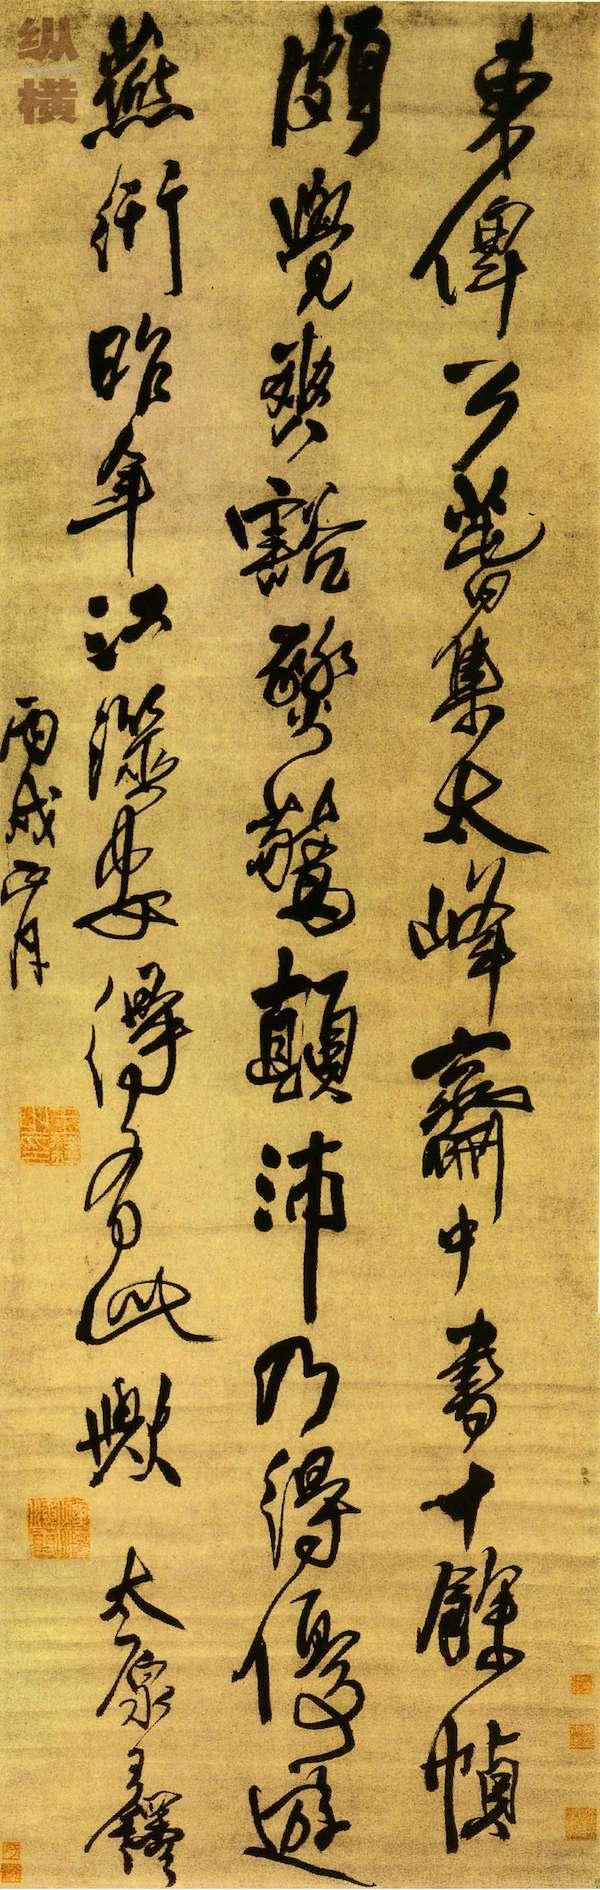 图六:王铎《赠侯佐文语轴》,香港艺术馆藏